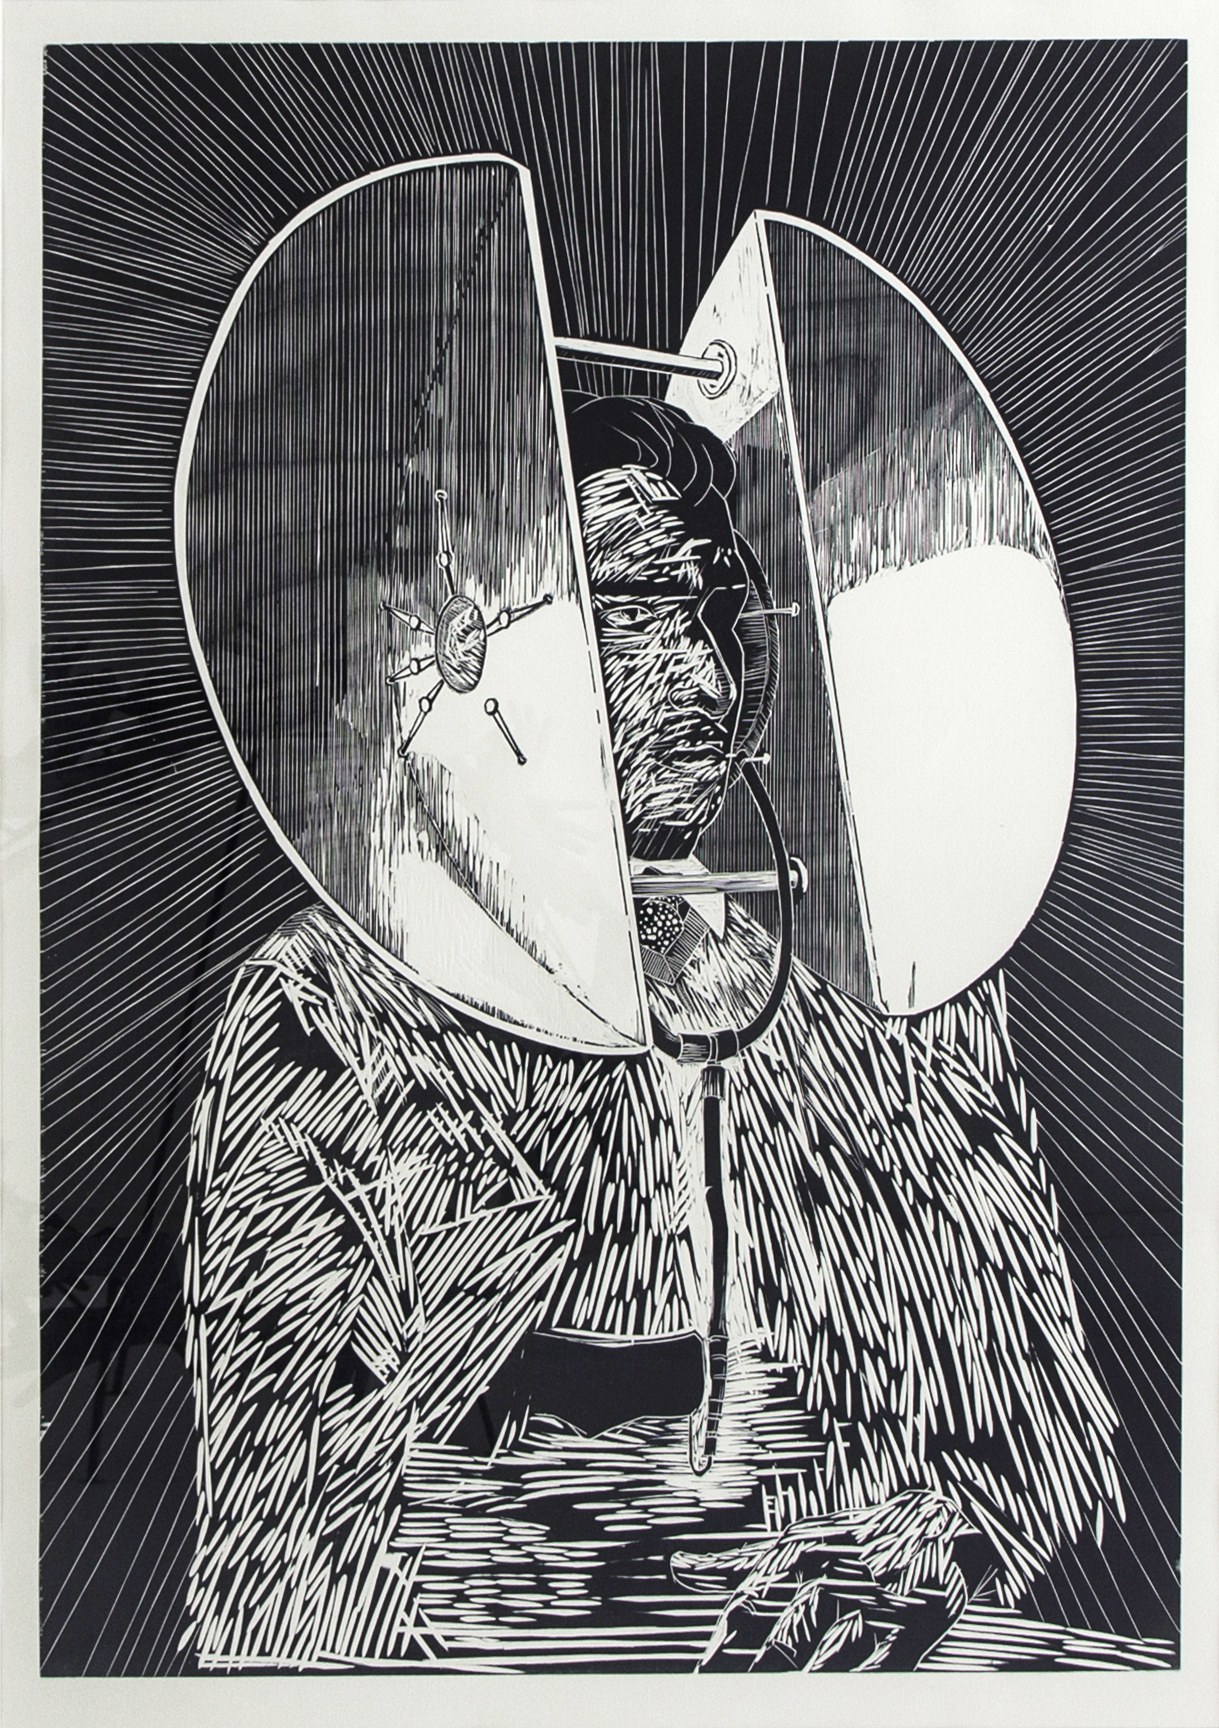 Autoportrait 2014, woodcut on paper, 137 x 100 cm, 1/5 (Ed. 5 + 2 AP)